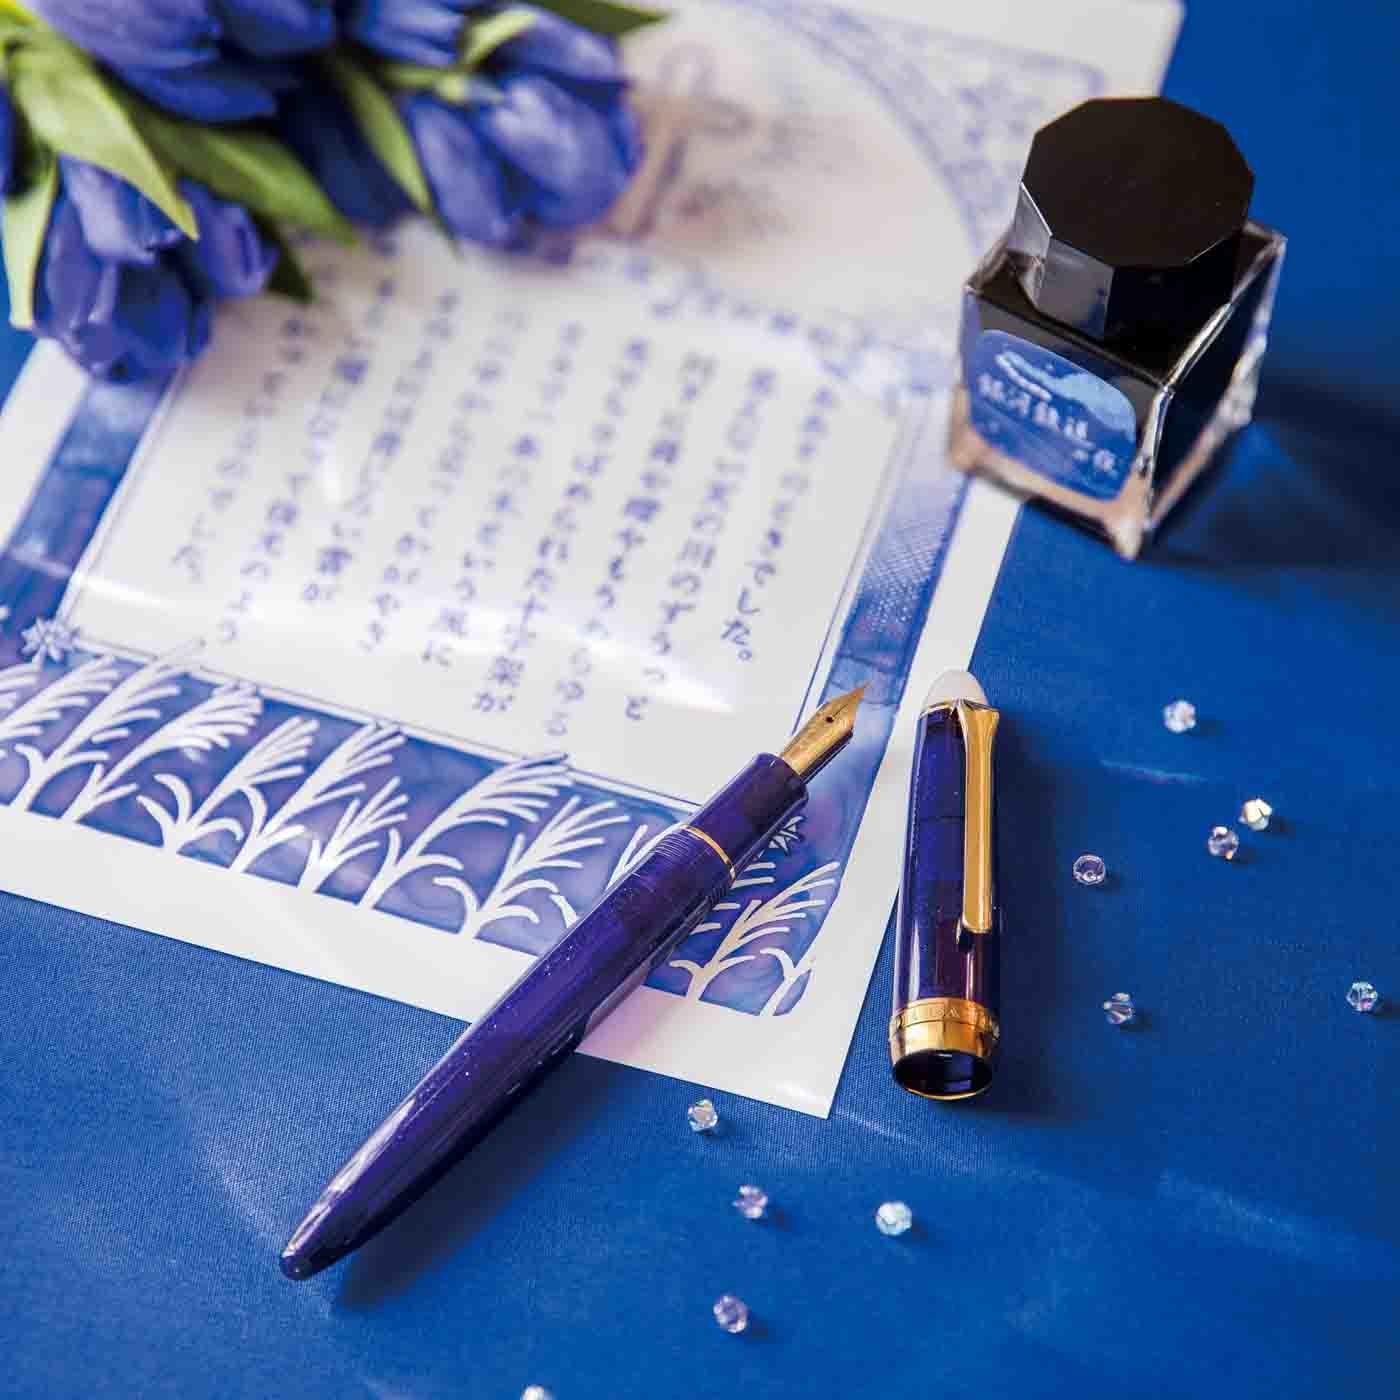 日本近現代文学の世界をより楽しむための万年筆&コンバーターセット